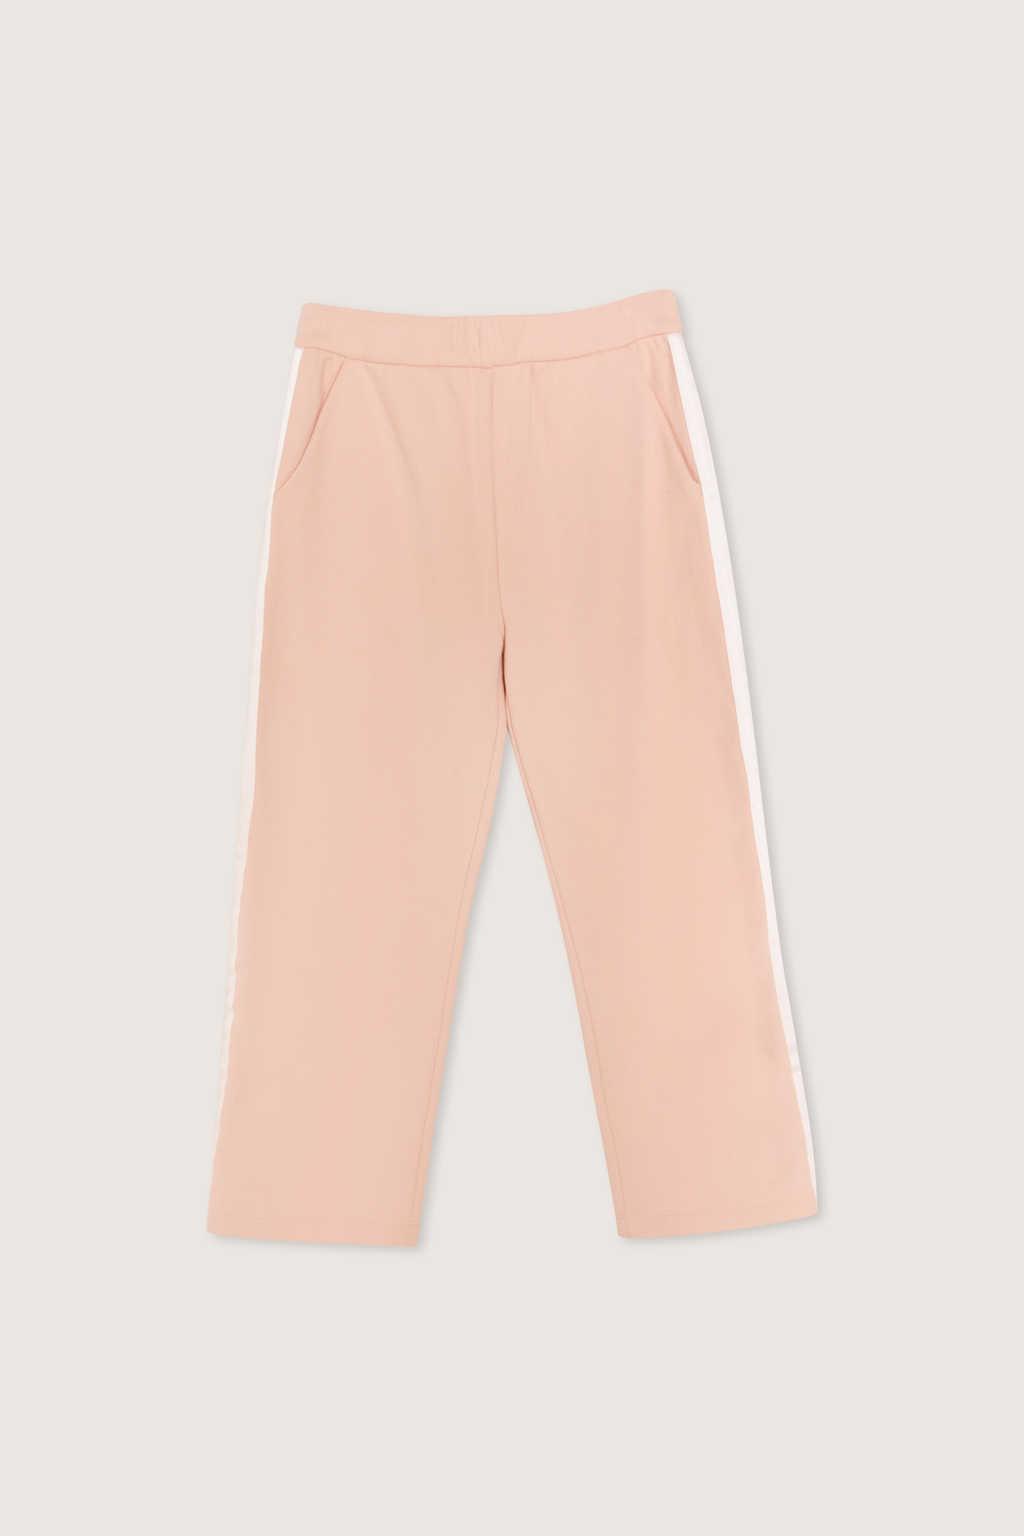 Sweatpant 1818 Pink 9